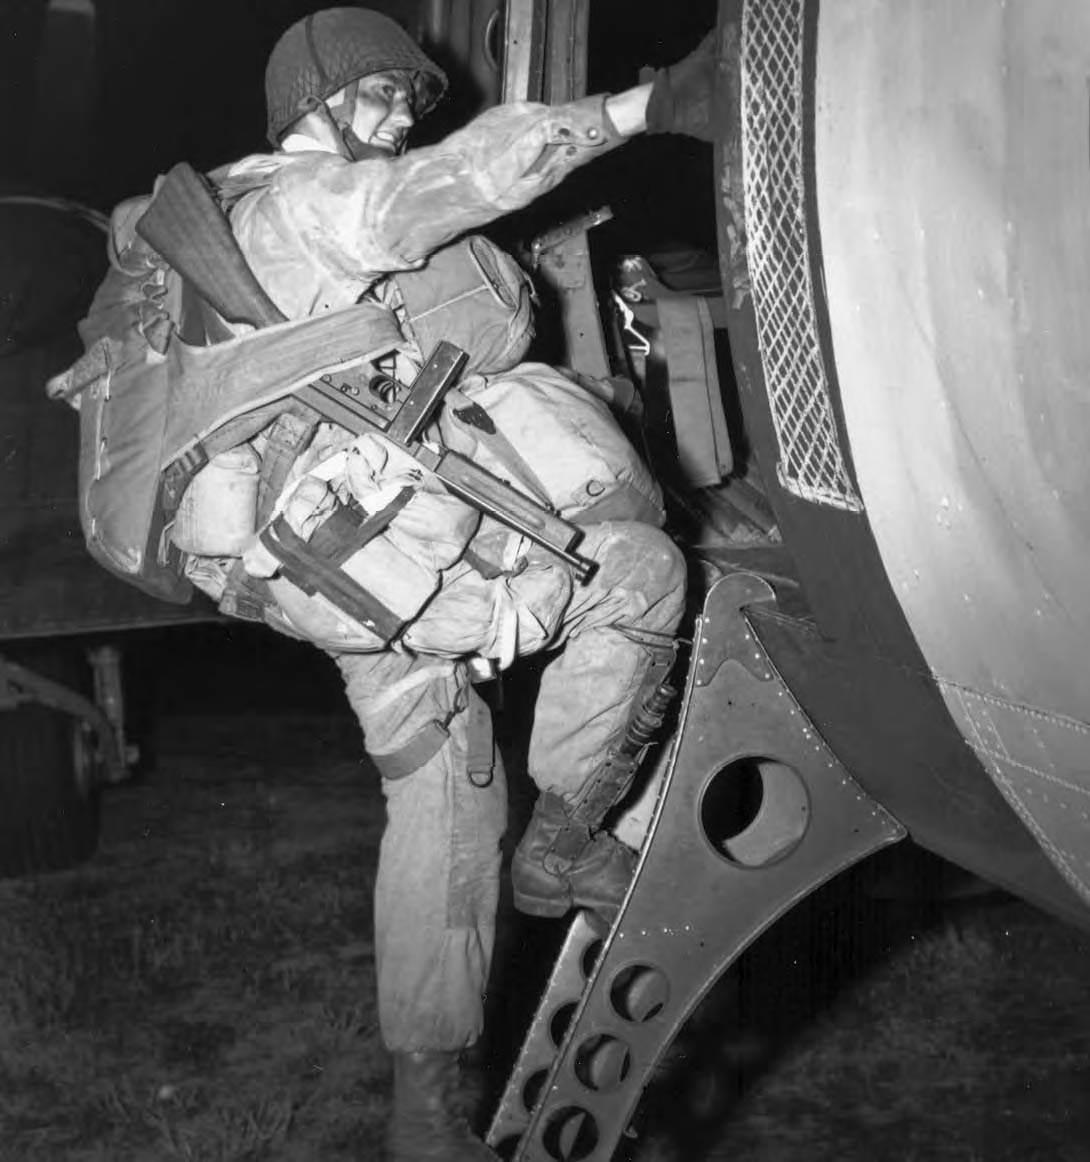 fully equipped paratrooper - Un parachutiste américain prêt pour le DDay, monte dans son avion avec sa Thompson